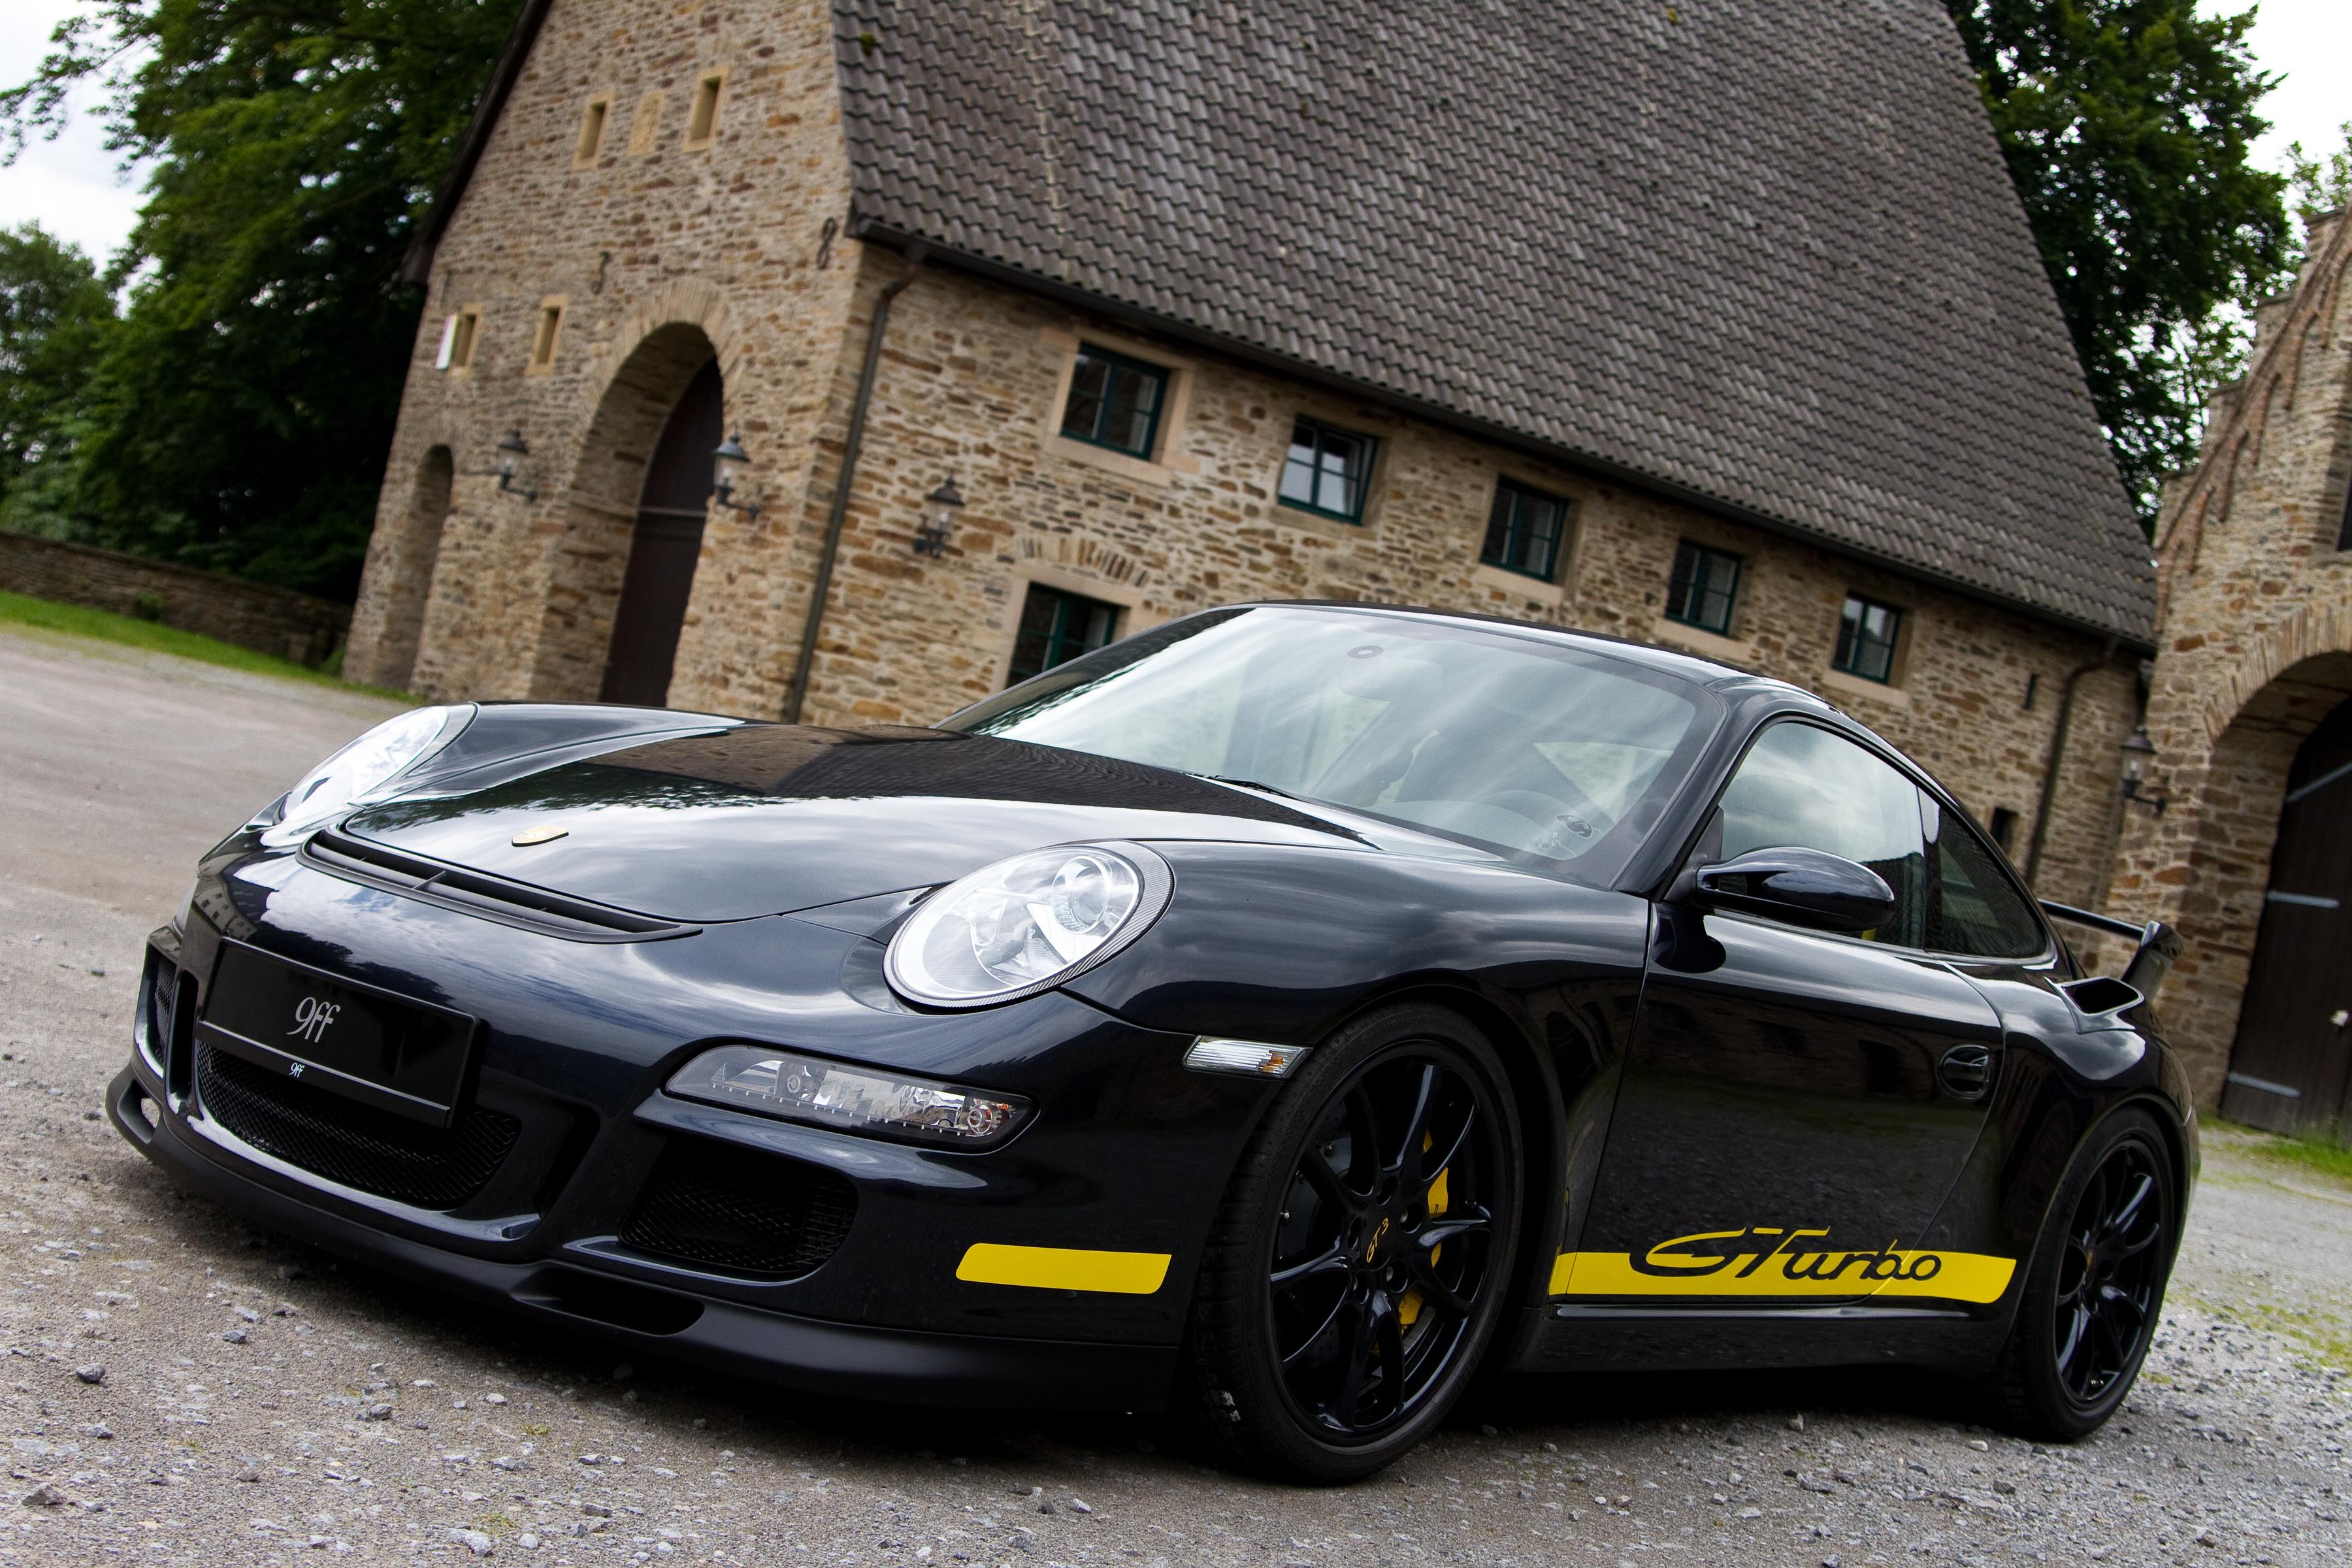 Fondos De Pantalla Vehículo Porsche Show De Net: Fondos De Pantalla : Vehículo, Porsche 911, Coche